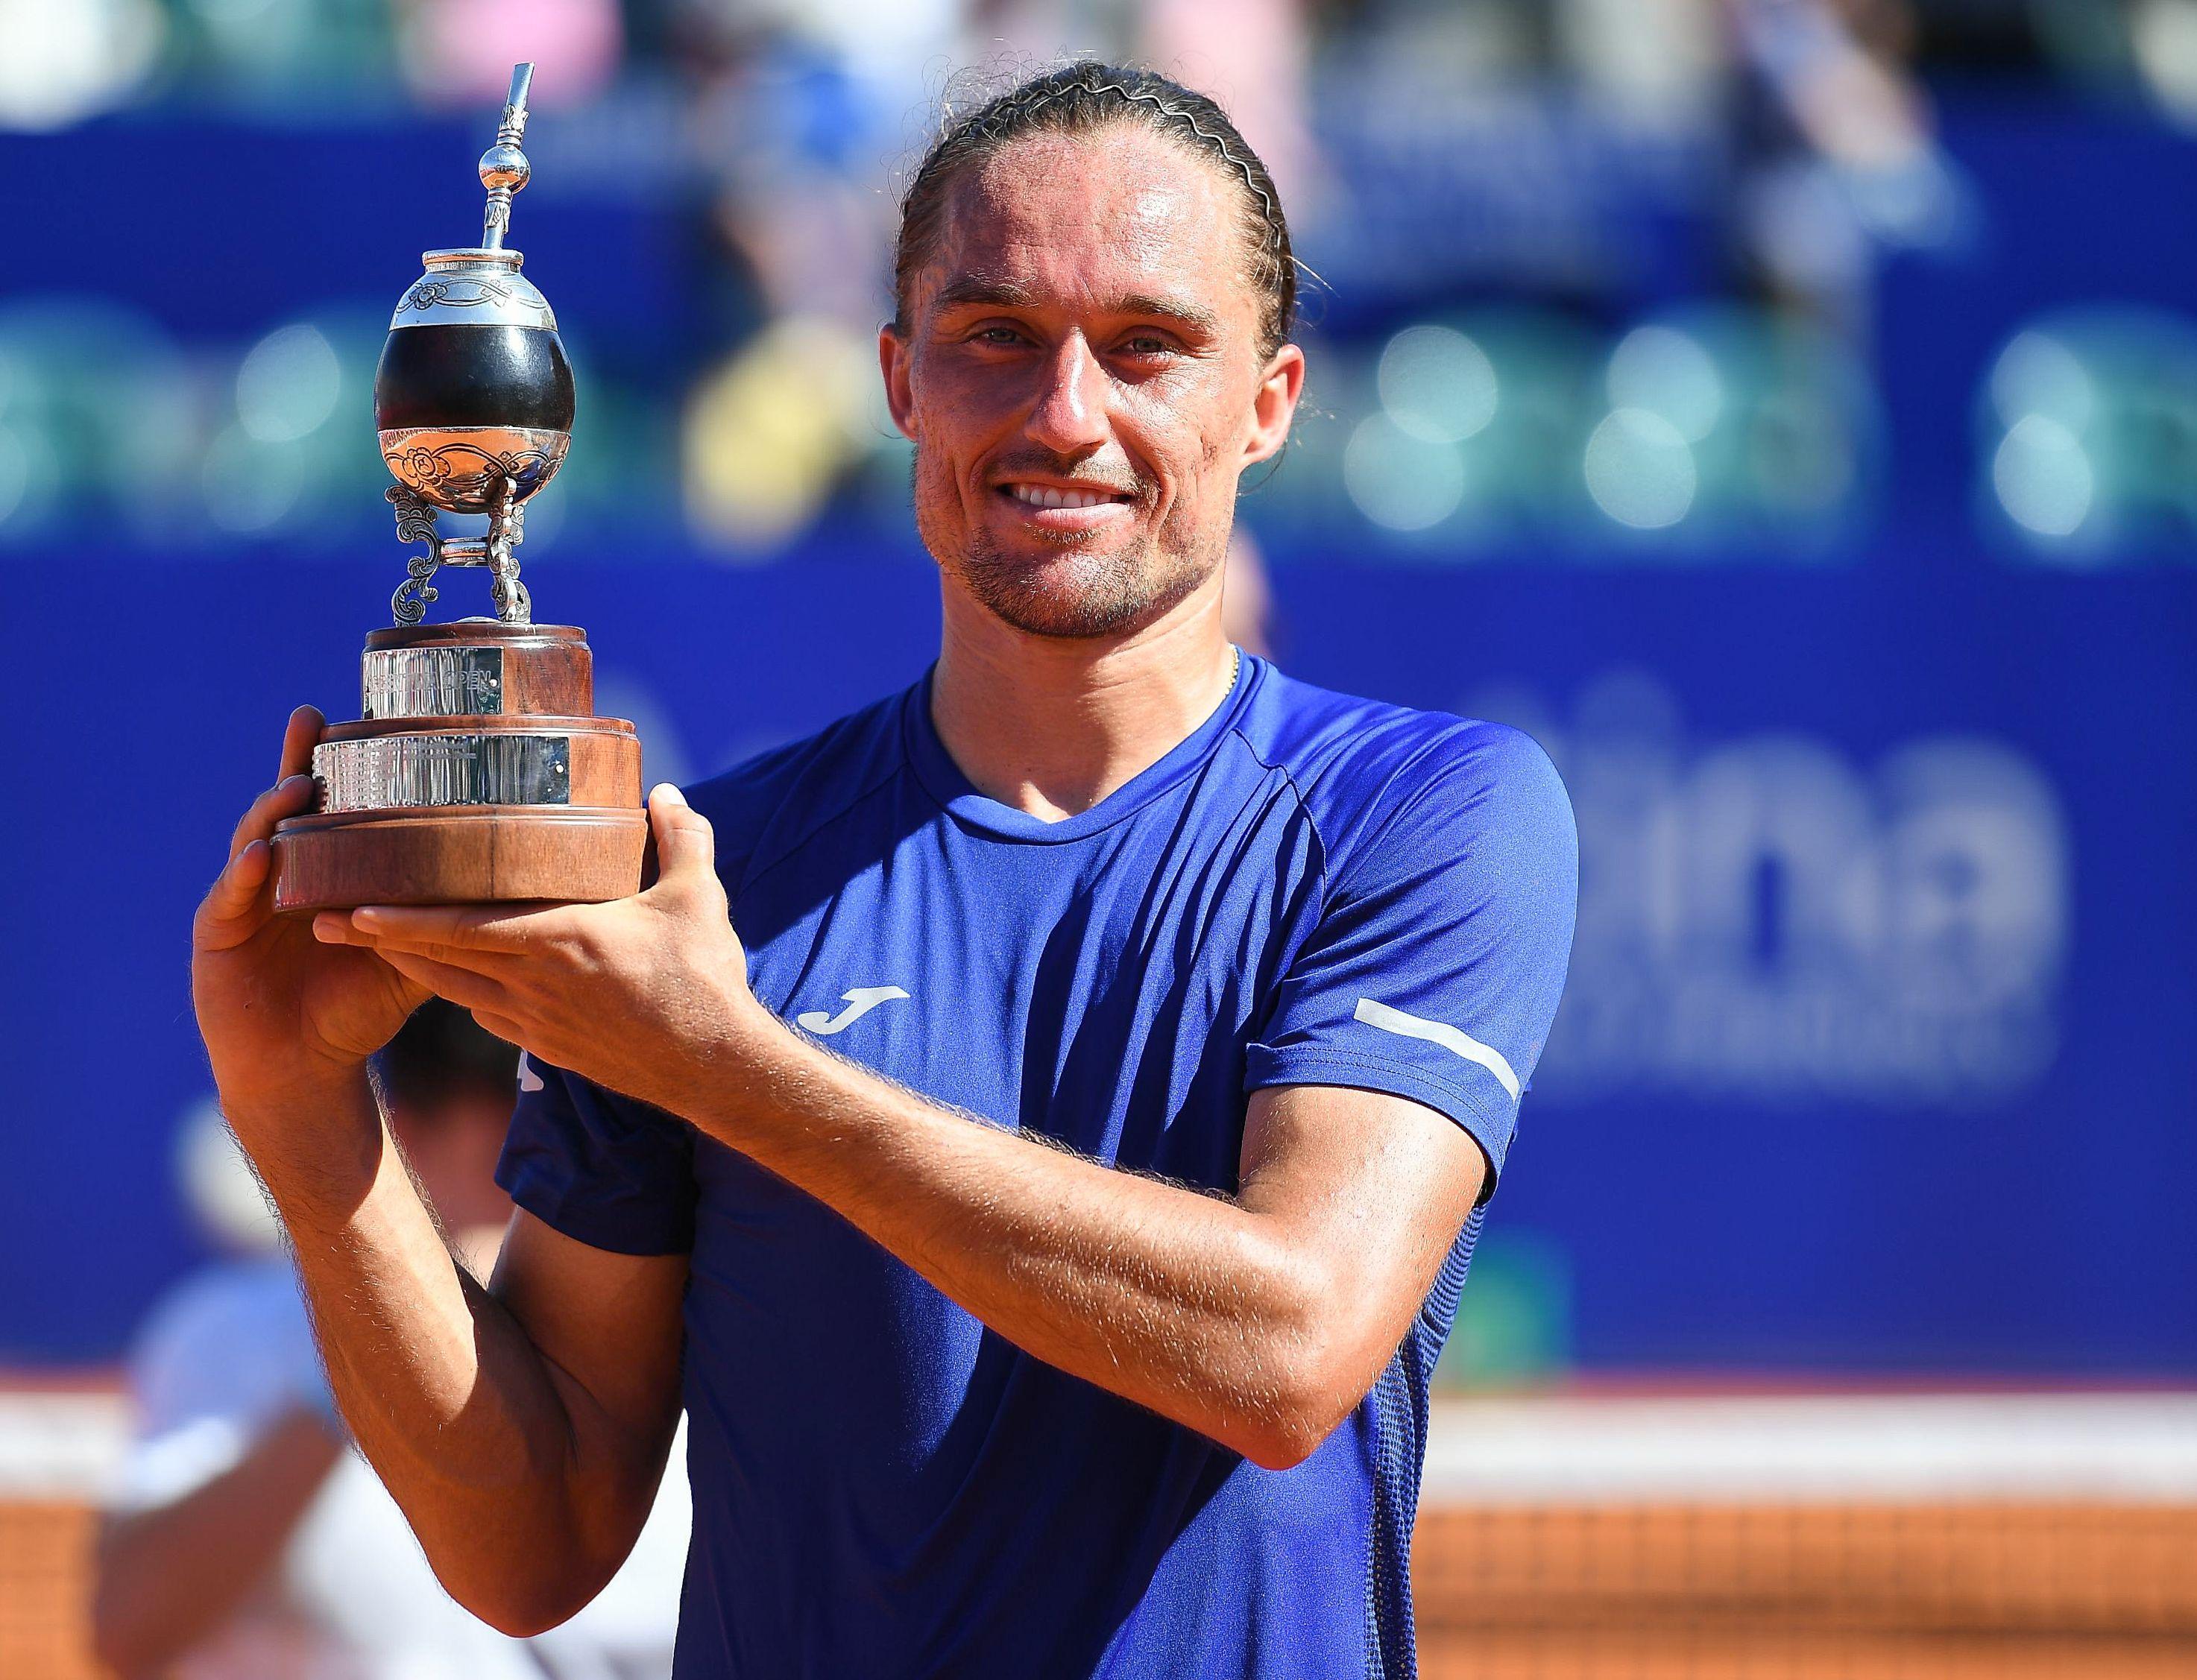 Sorpresa: Dolgopolov venció a Nishikori y es campeón del Argentina Open